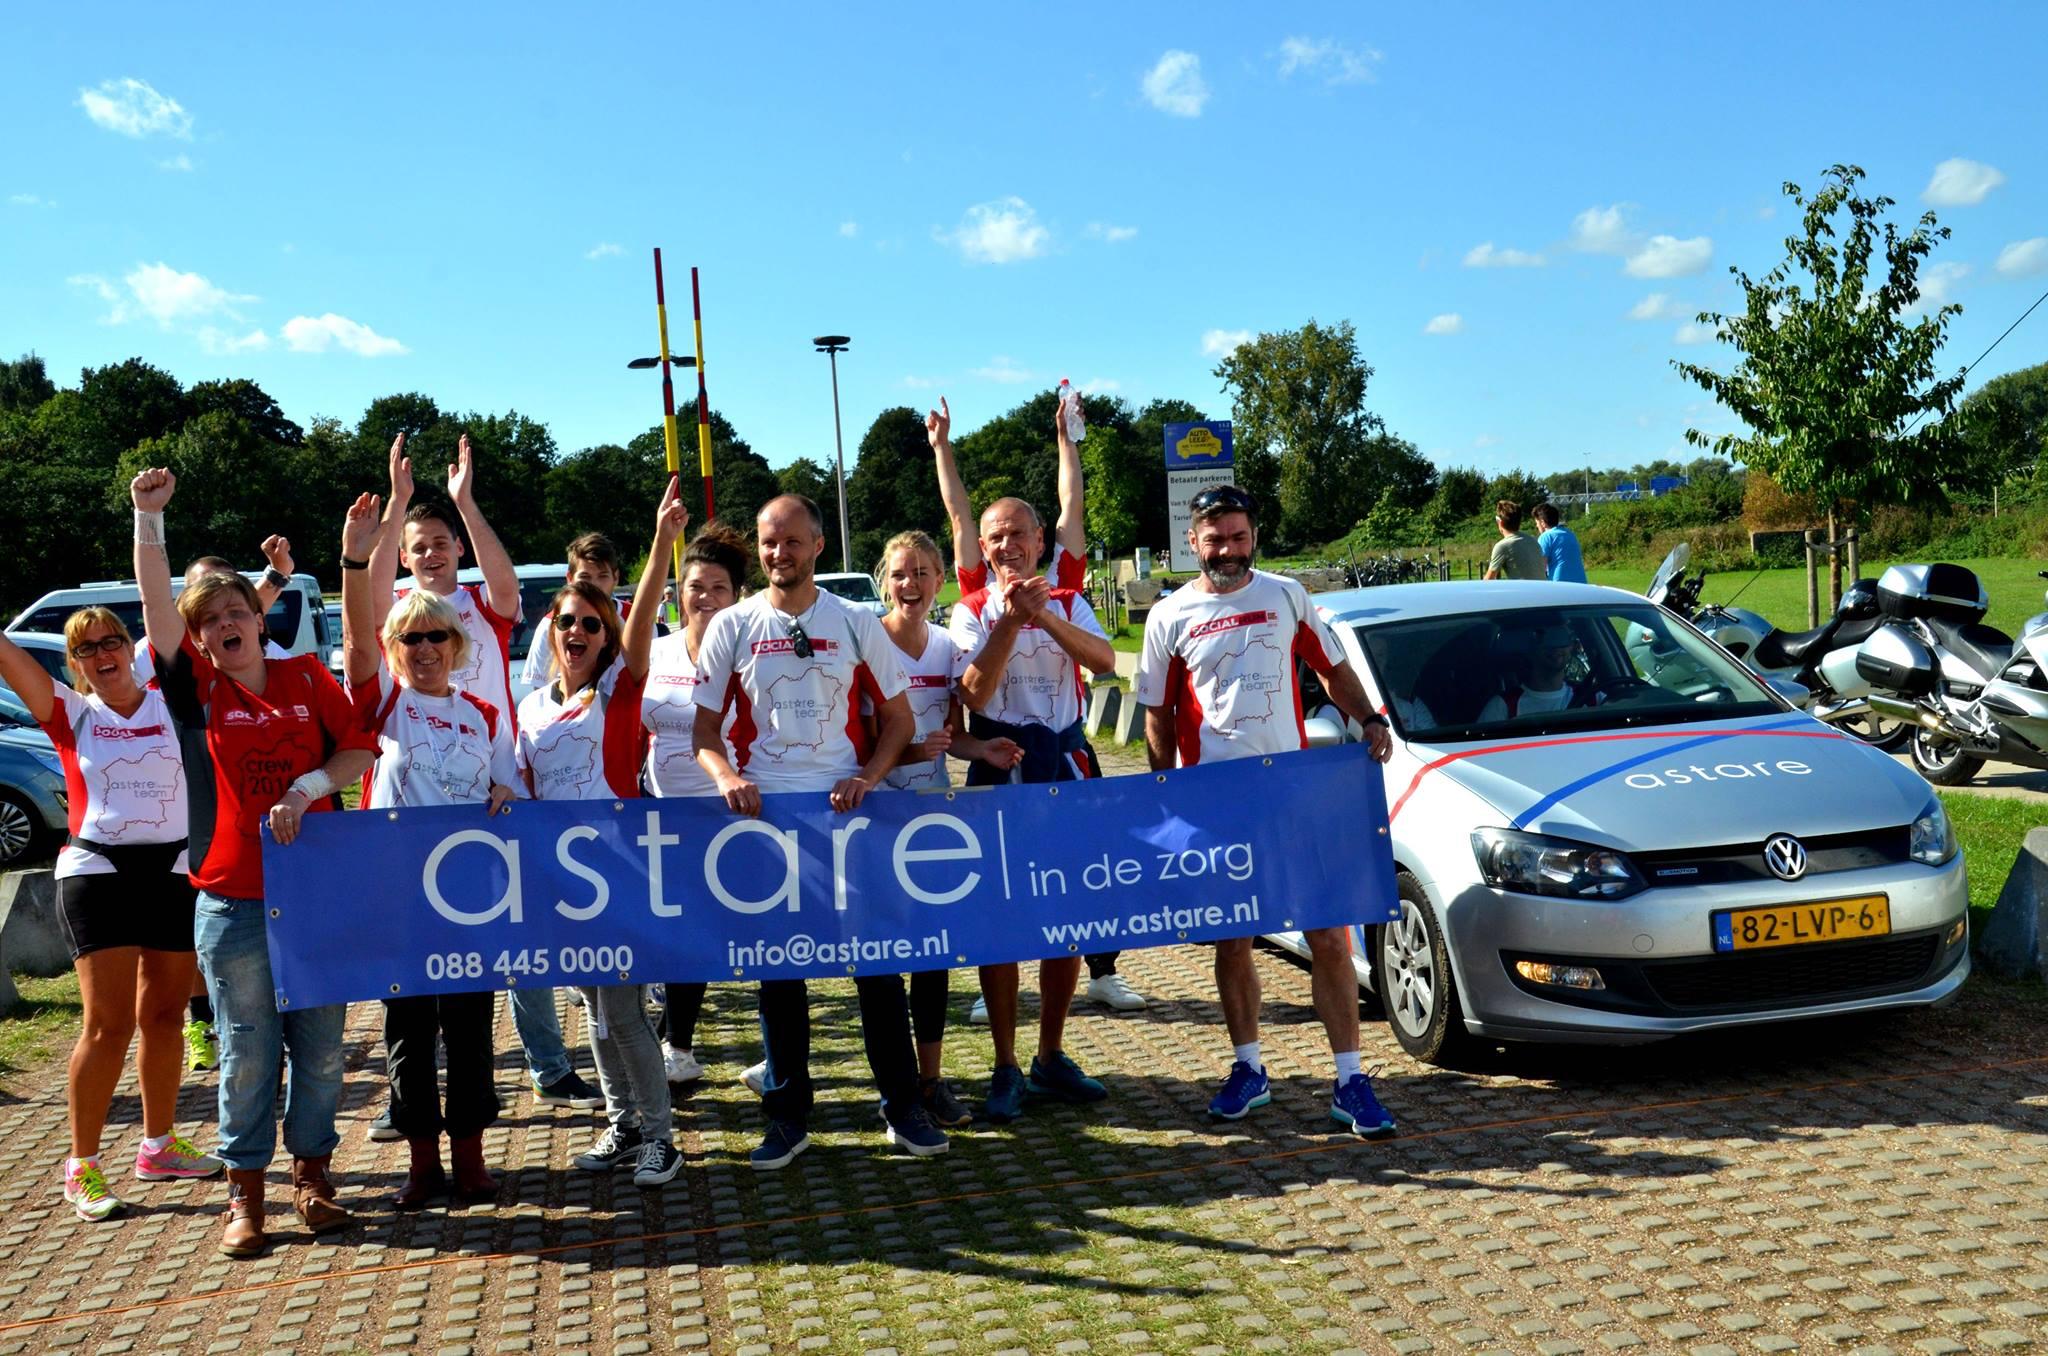 team-astare-socialrun-2016-start